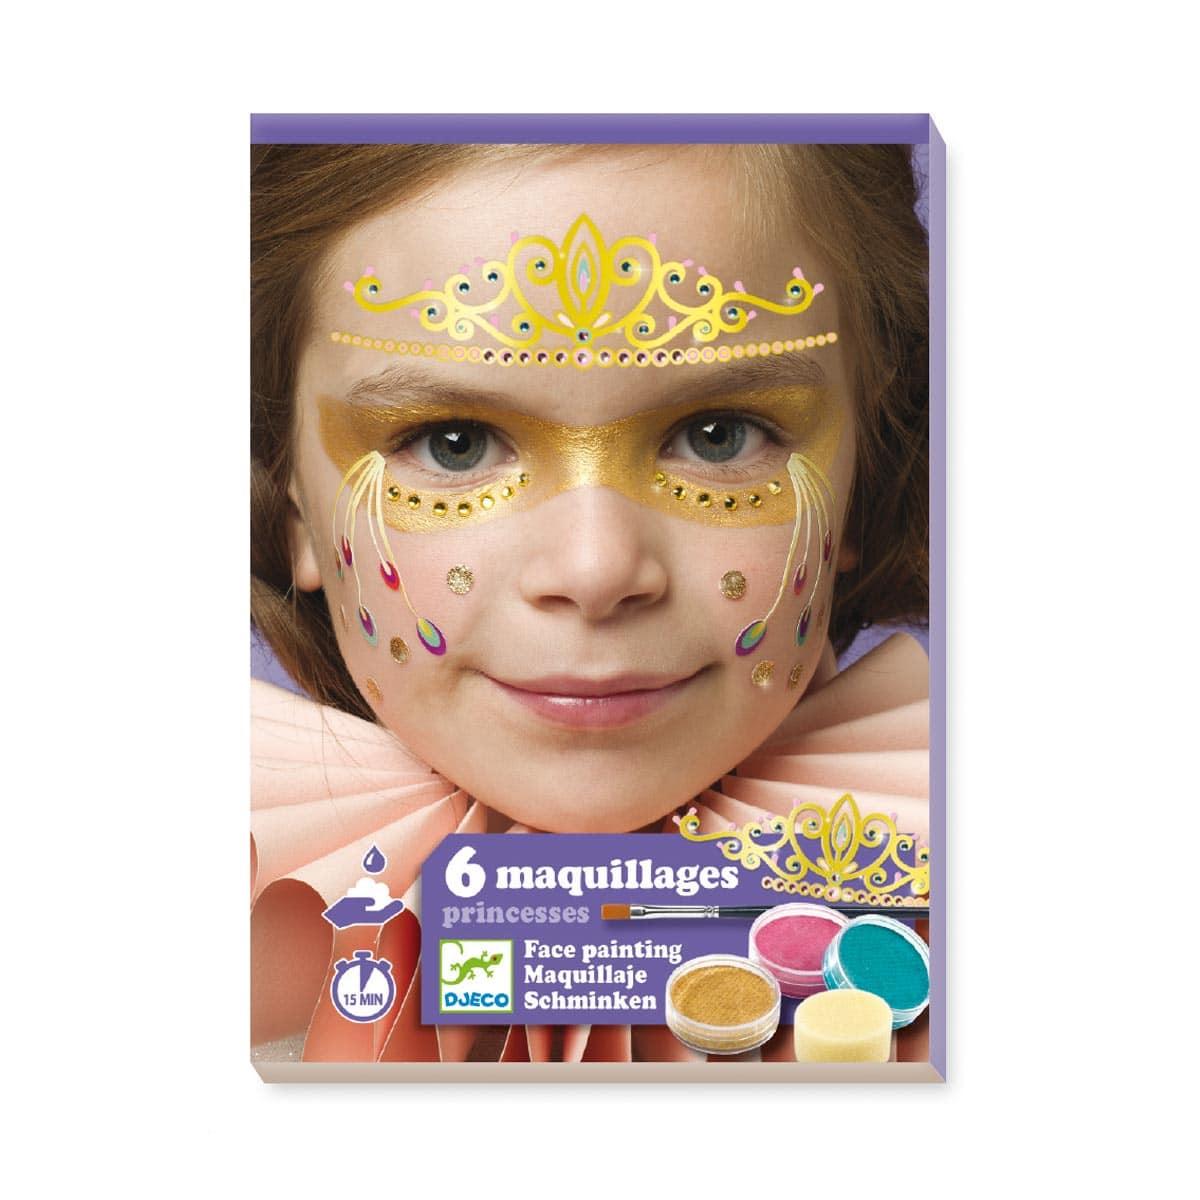 Maquillage Facile Pour Le Carnaval Maquiller Le Visage D